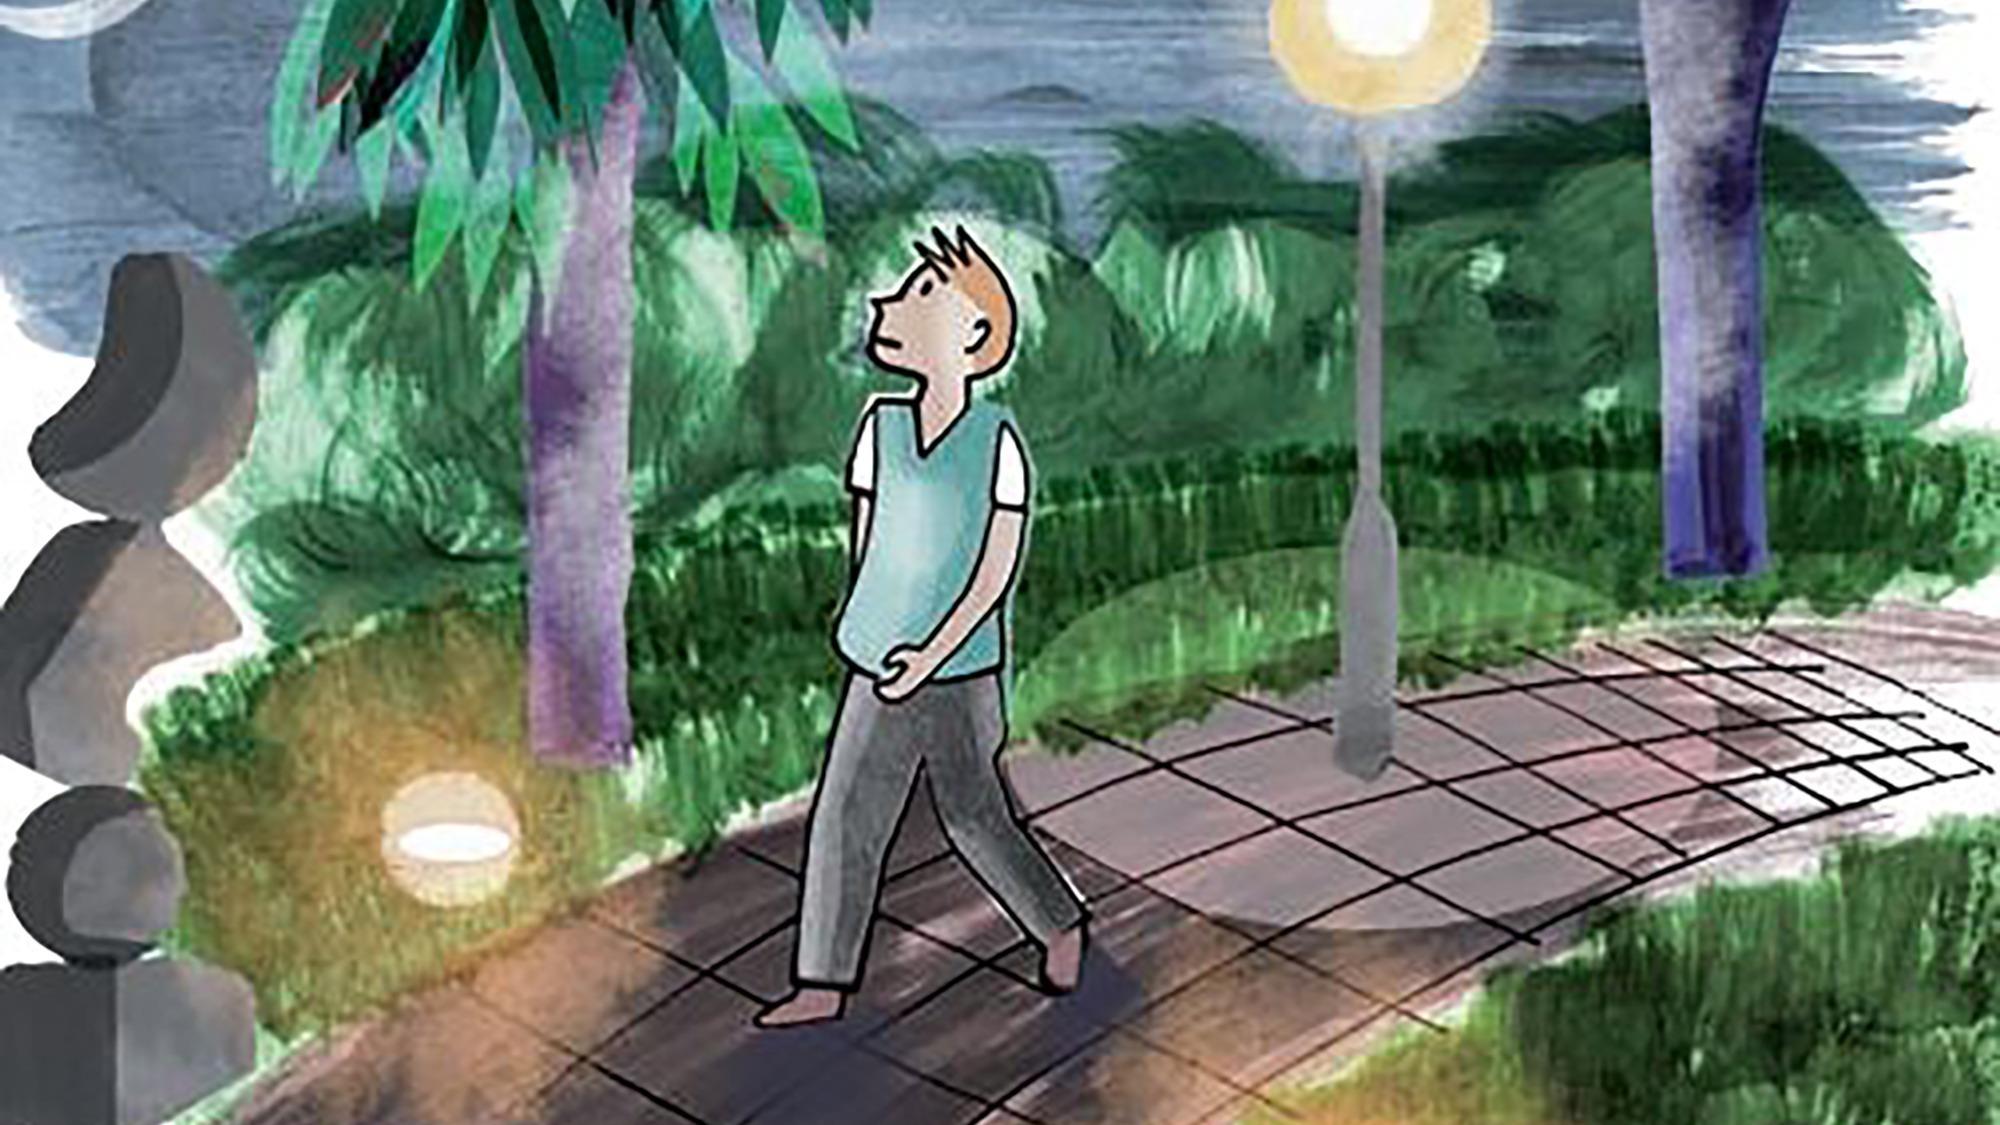 Illustration av en person som går på gångväg. Det är mörkt ute och en gatlampa lyser upp där personen nyss har passerat.